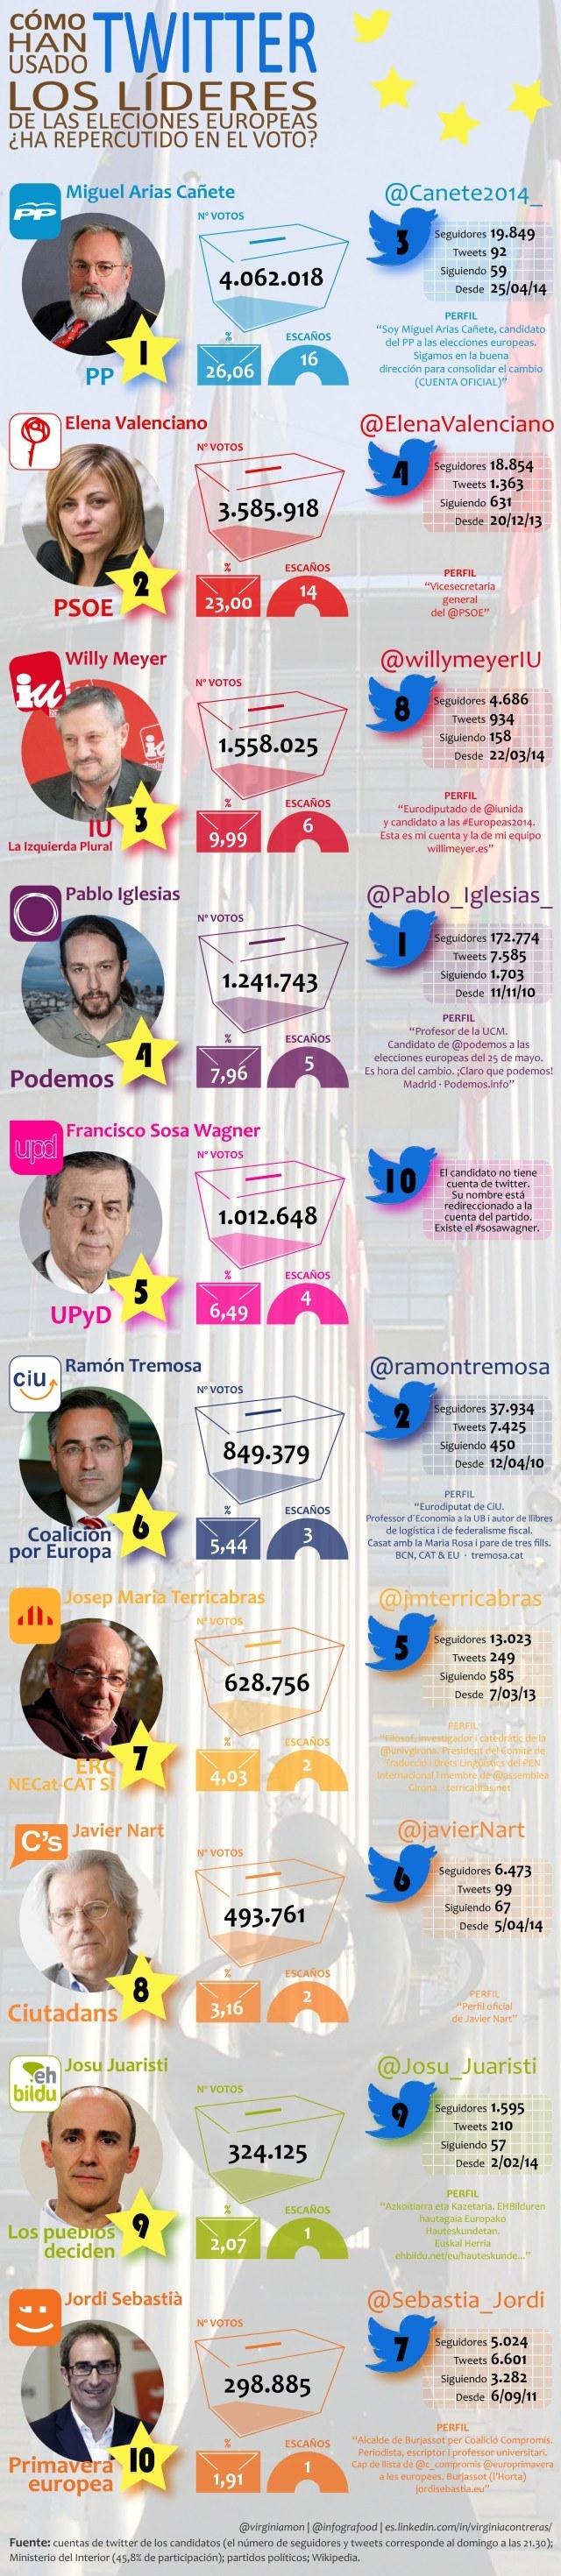 ¿Twitter influye en los resultados de las campañas electorales? #Infografía